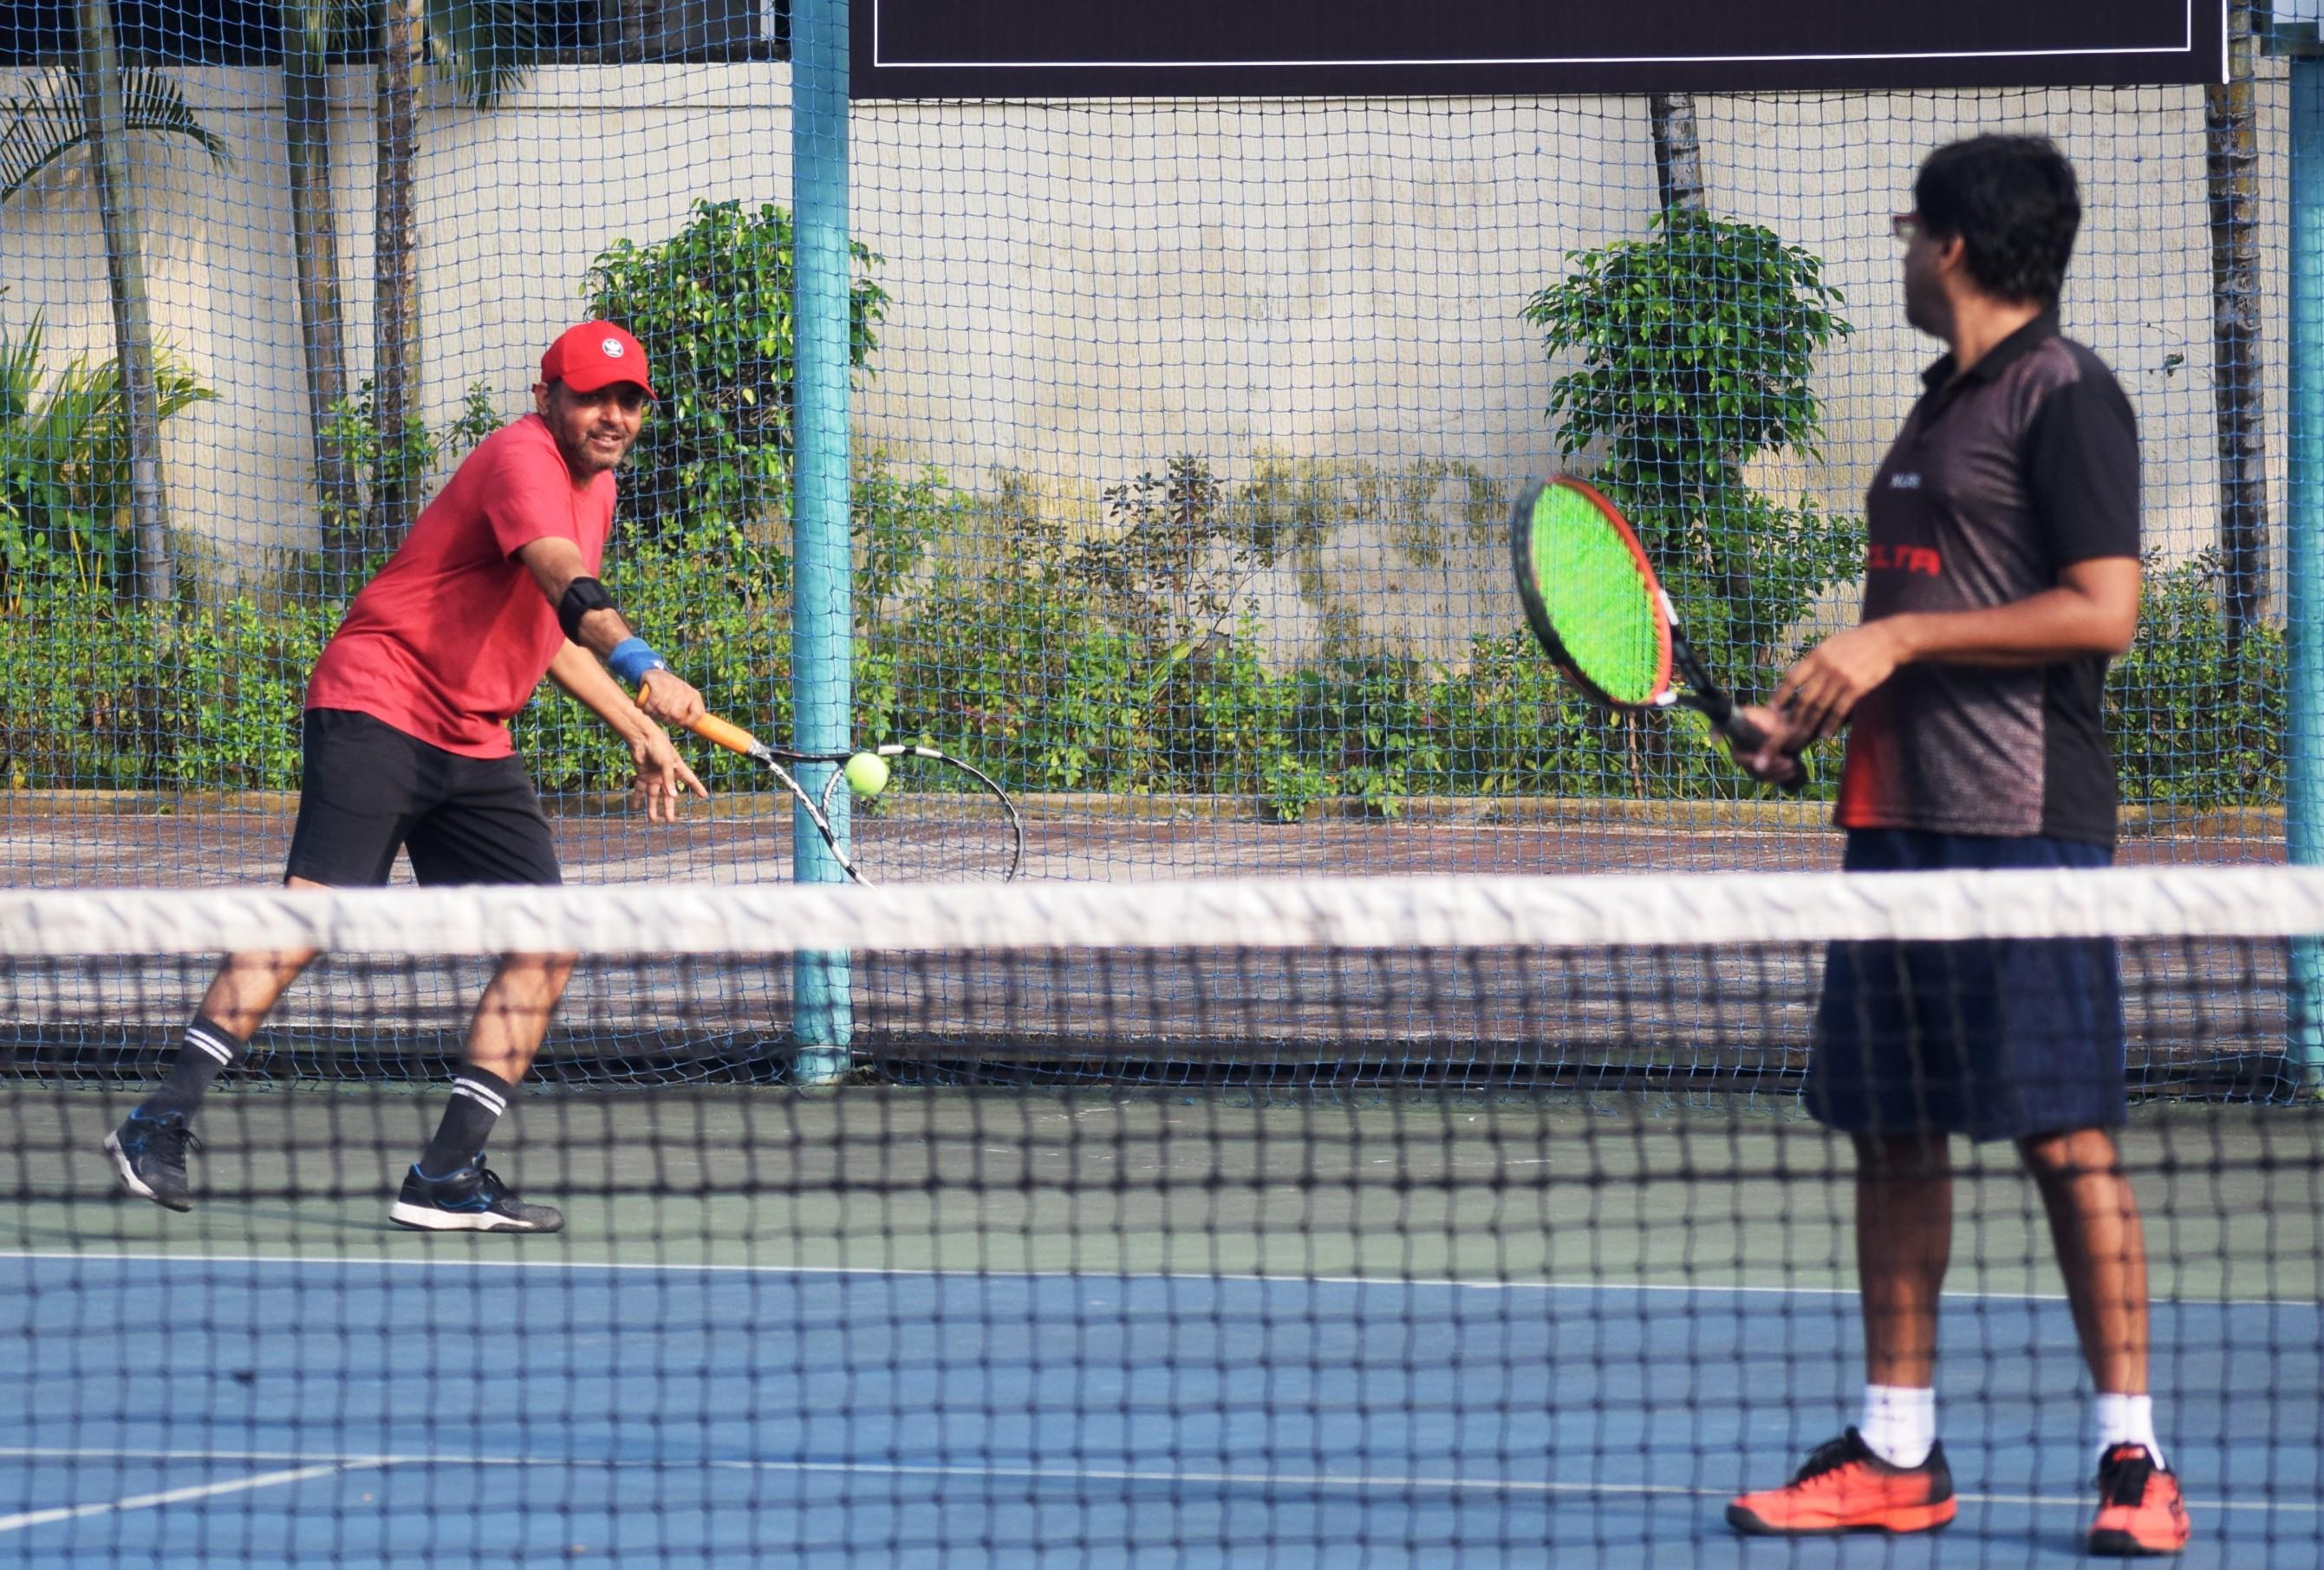 सोलारिस आंतर क्लब टेनिस अजिंक्यपद स्पर्धेत डेक्कन चॅलेंजर्स,   टेनिस टायगर्स,  डेक्कन ऍवेंजर्स,  पीसीएलटीए यांचा उप-उपांत्यपुर्व फेरीत प्रवेश